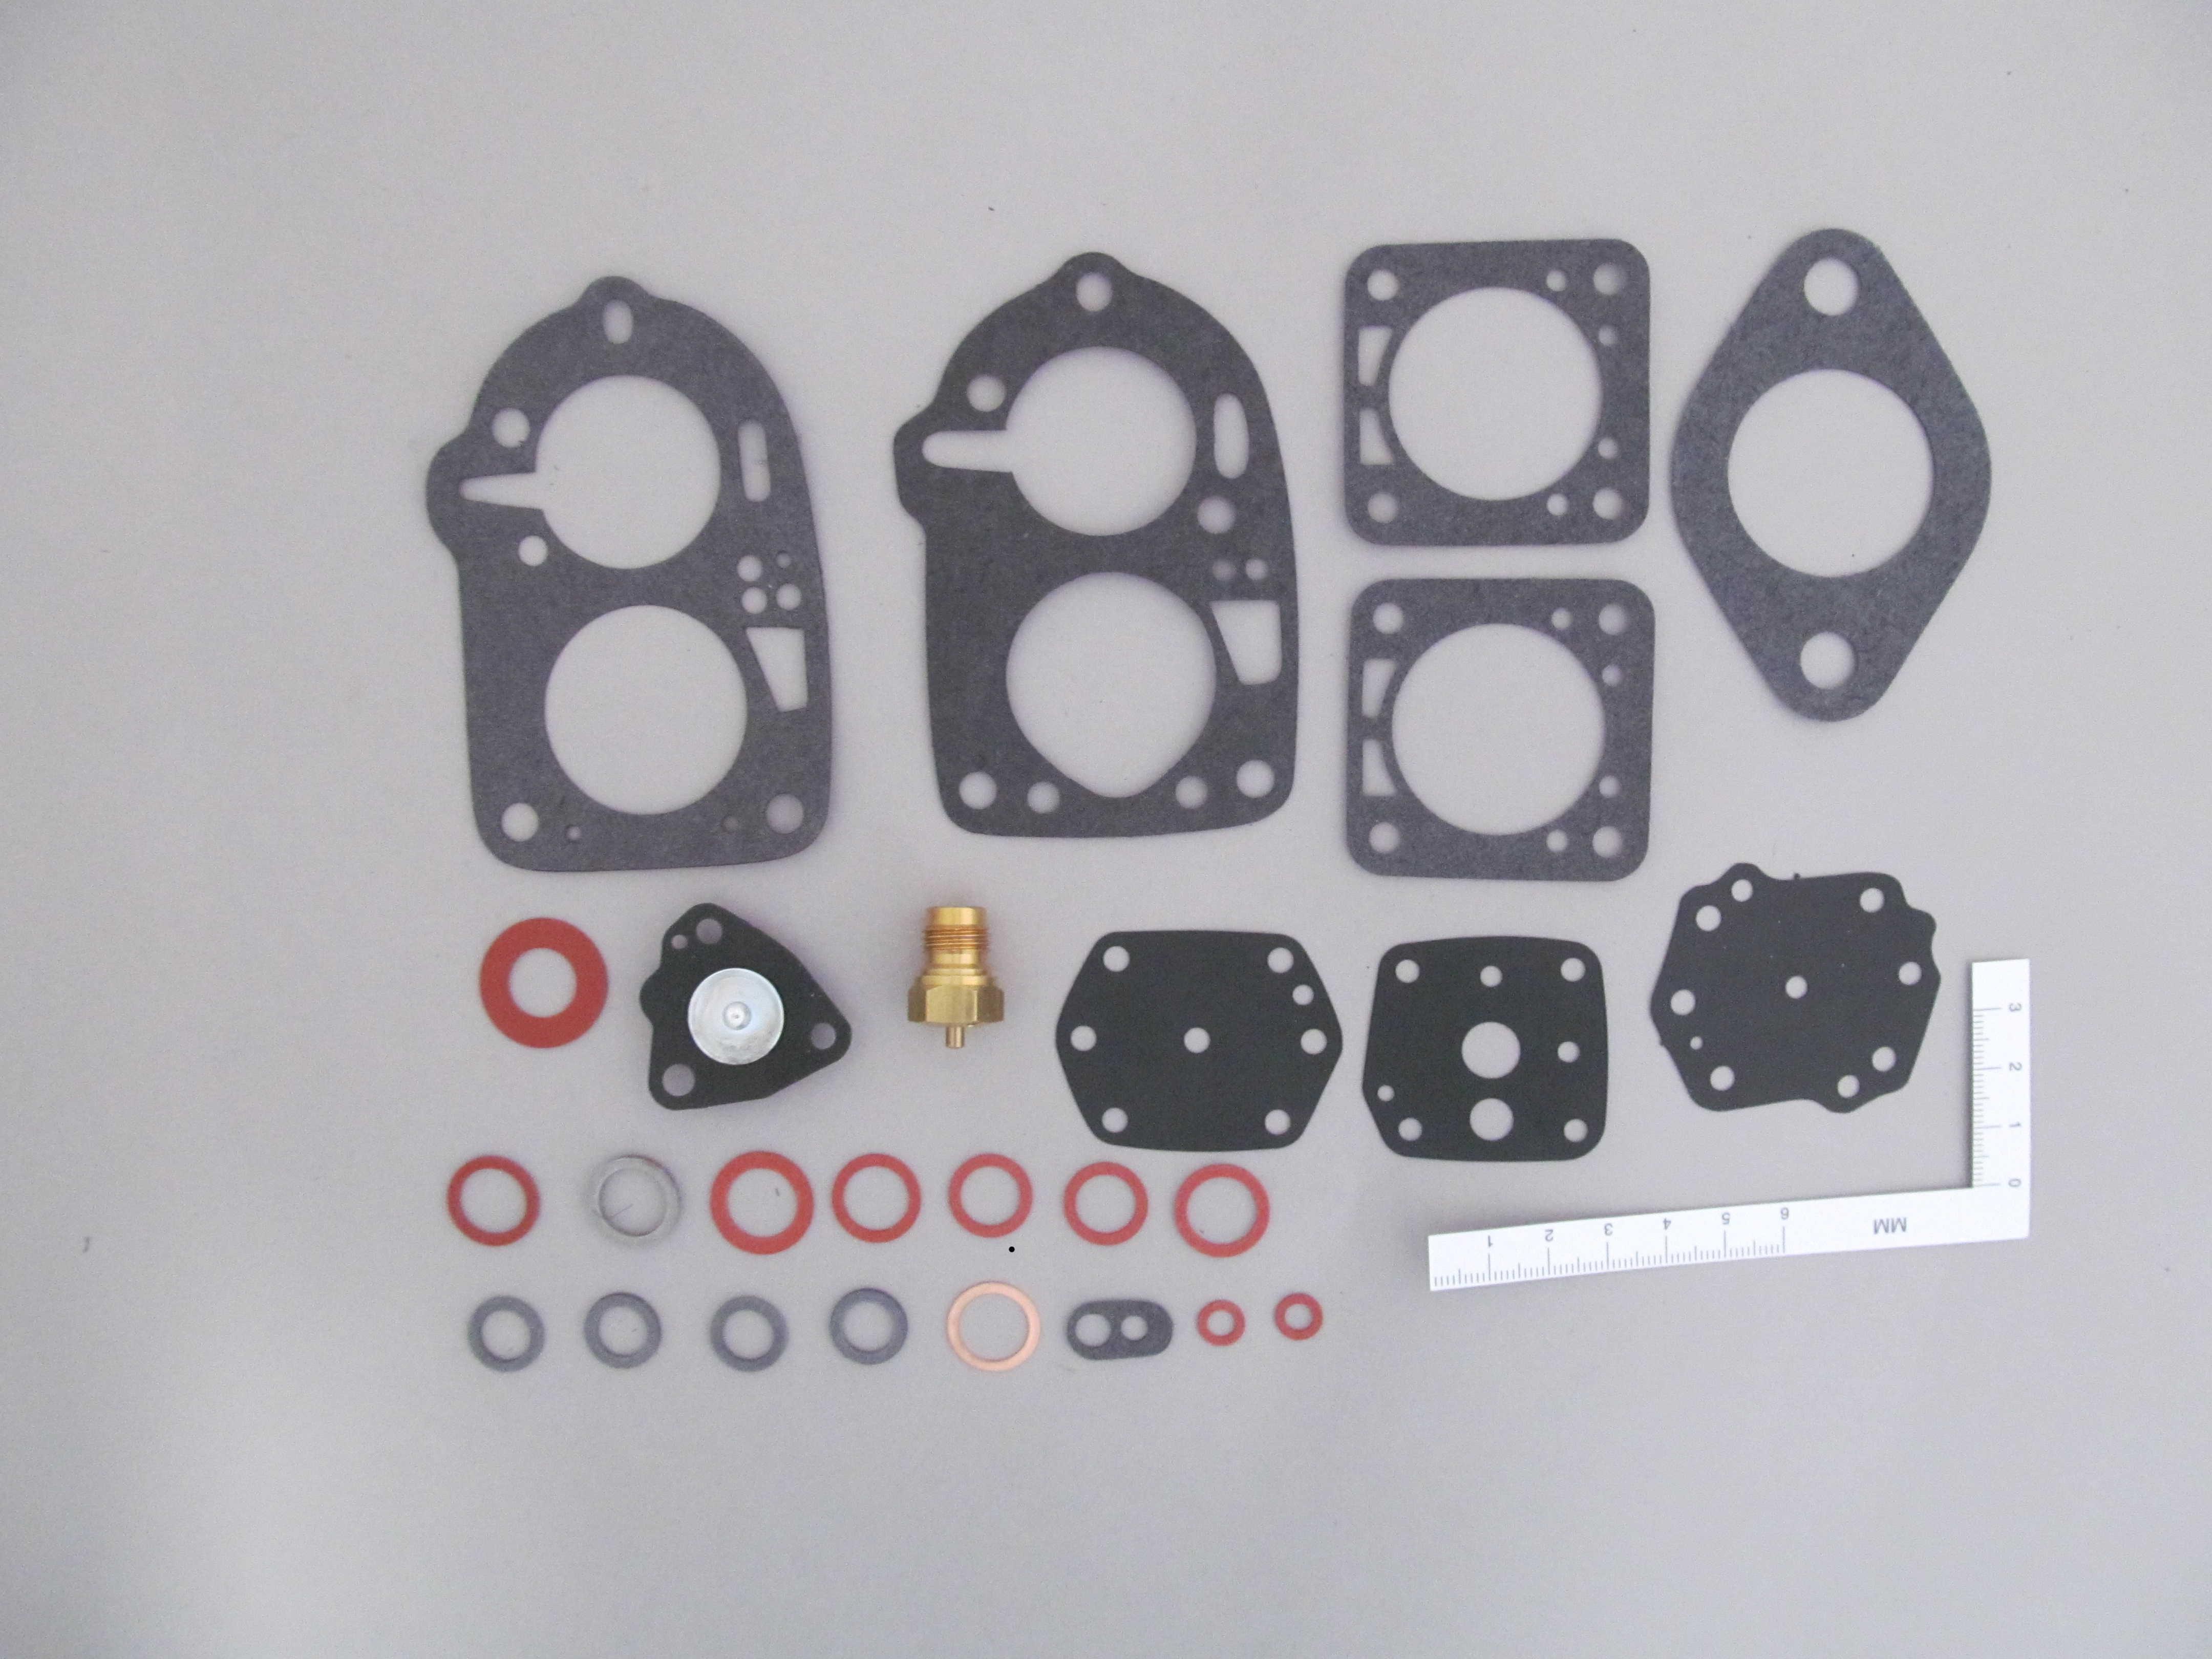 Solex Carburetor Kits & Parts - US Made